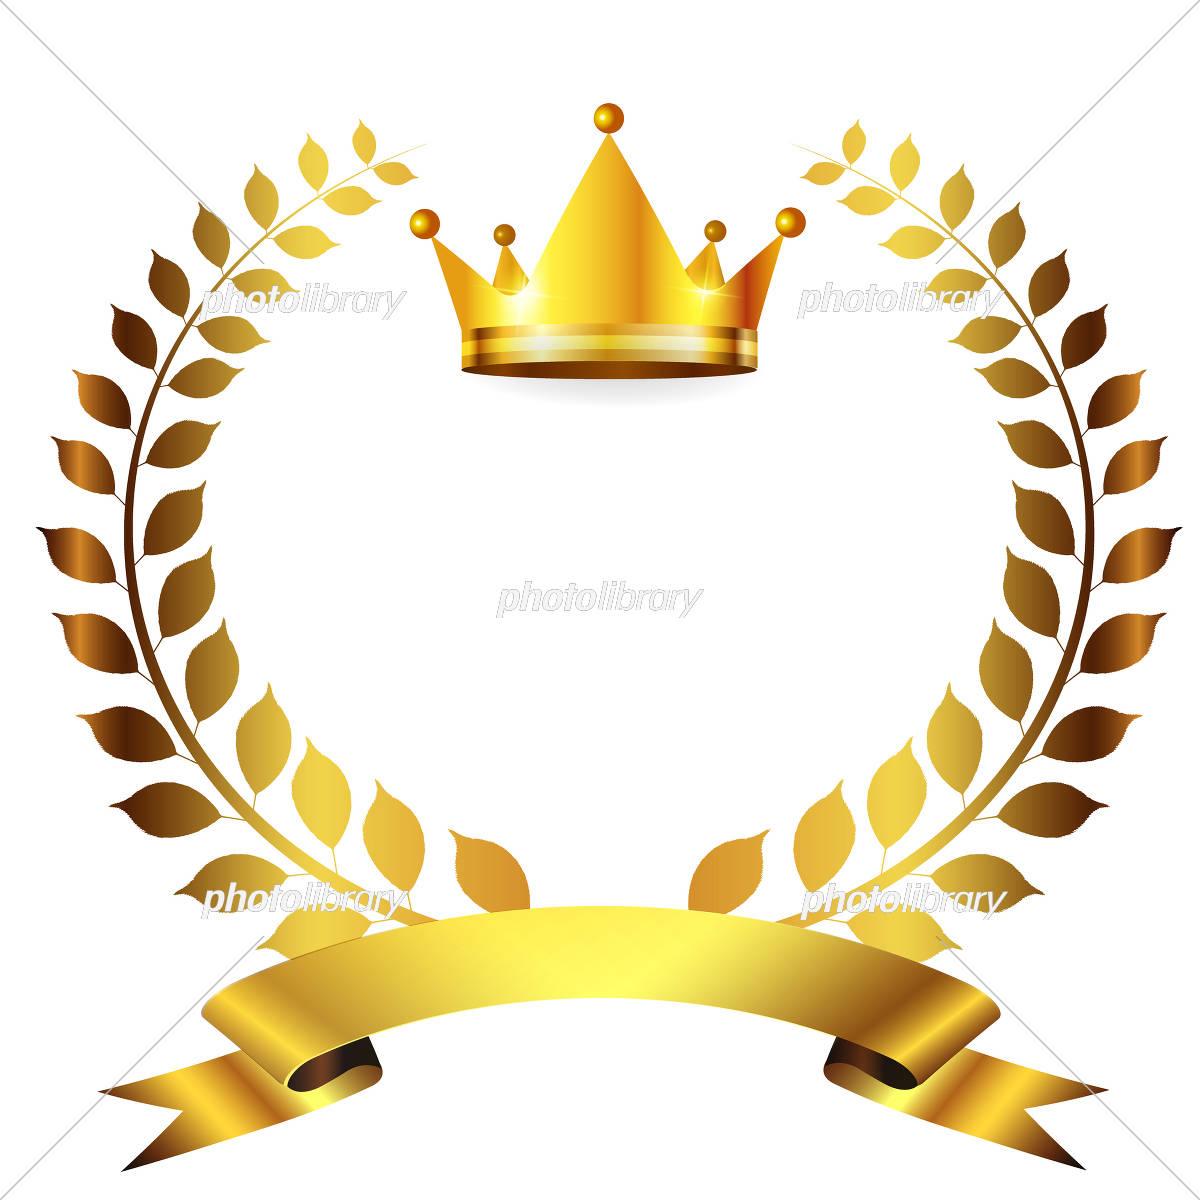 王冠 イラスト素材 5092078 フォトライブラリー Photolibrary